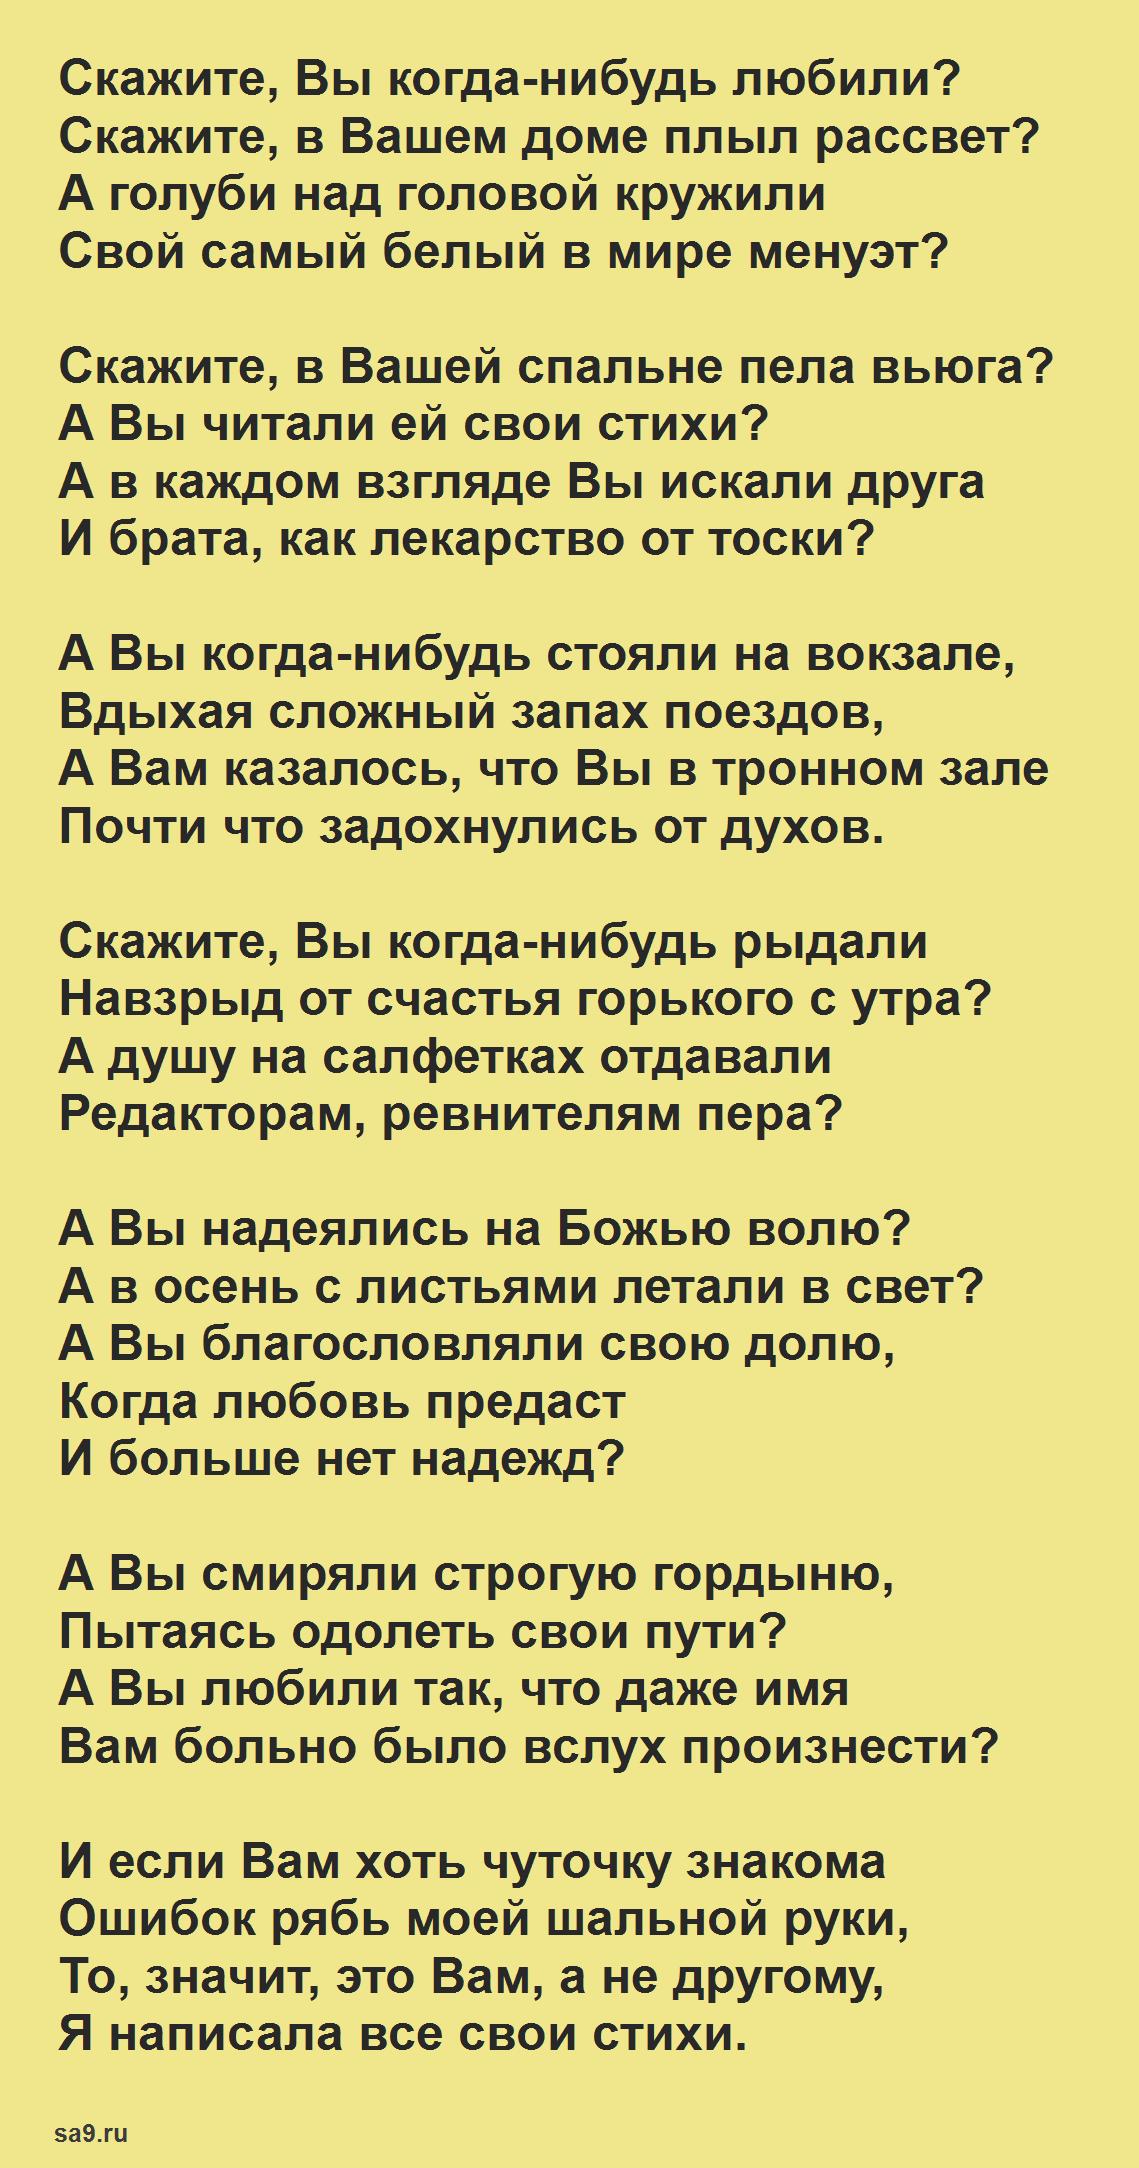 Читать стихи Асадова - Скажите, вы когда-нибудь любили